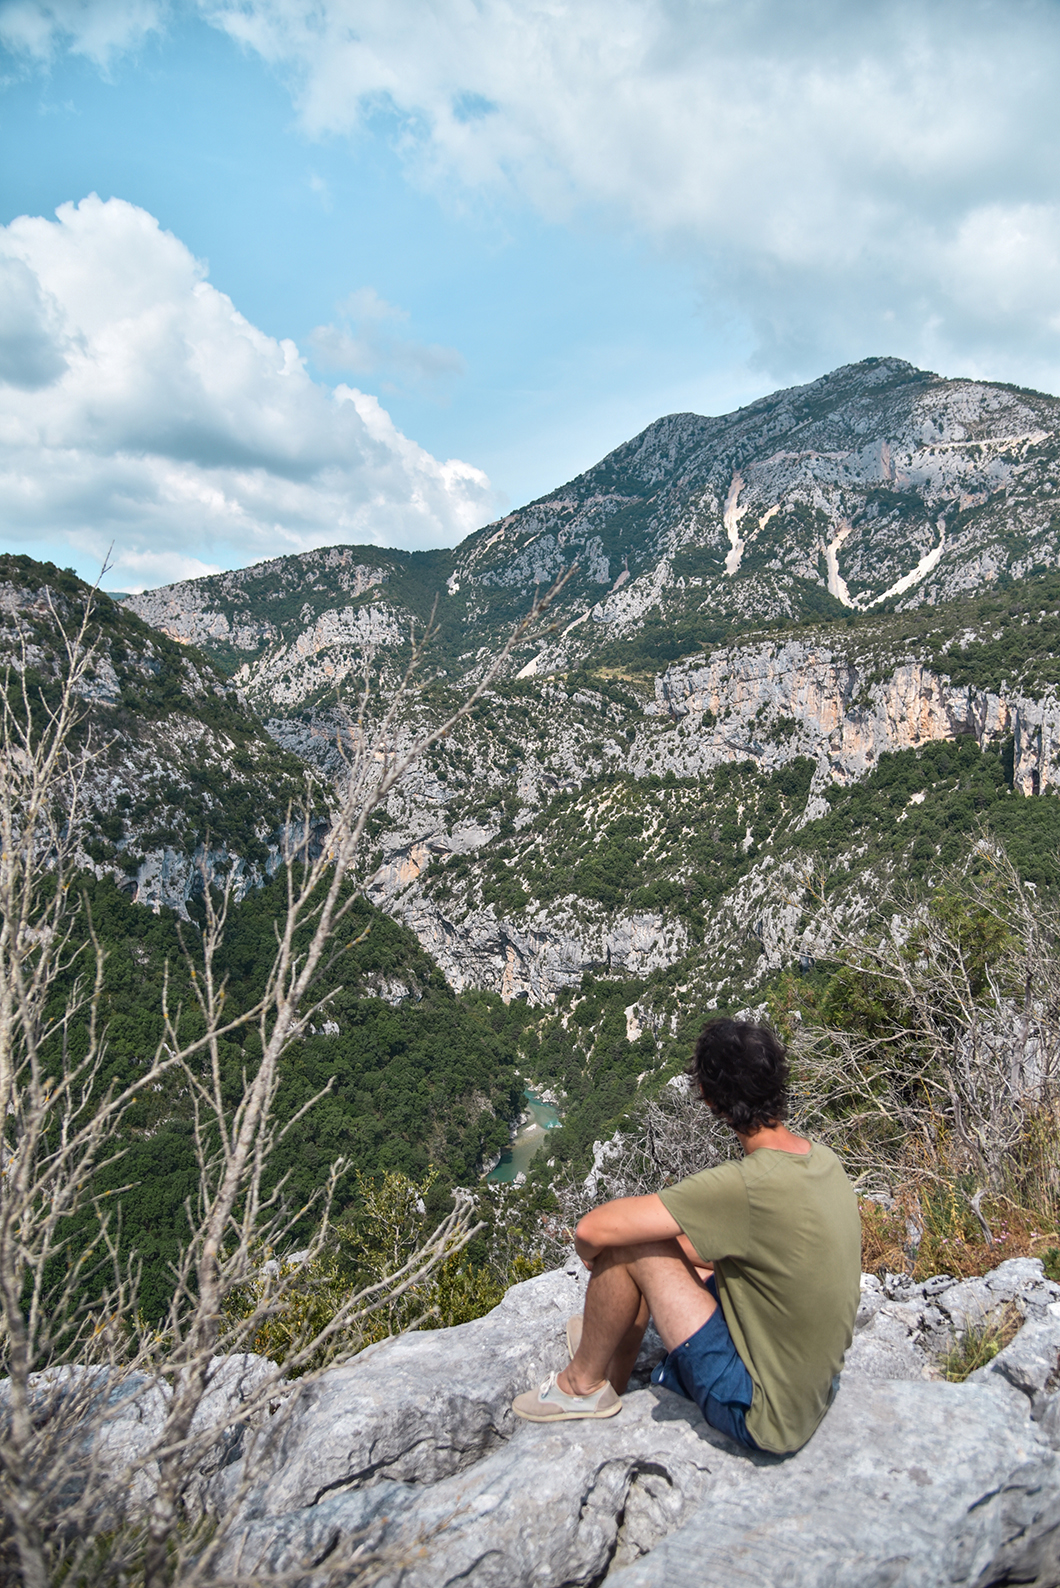 Quels points de vue découvrir dans les Gorges du Verdon ?